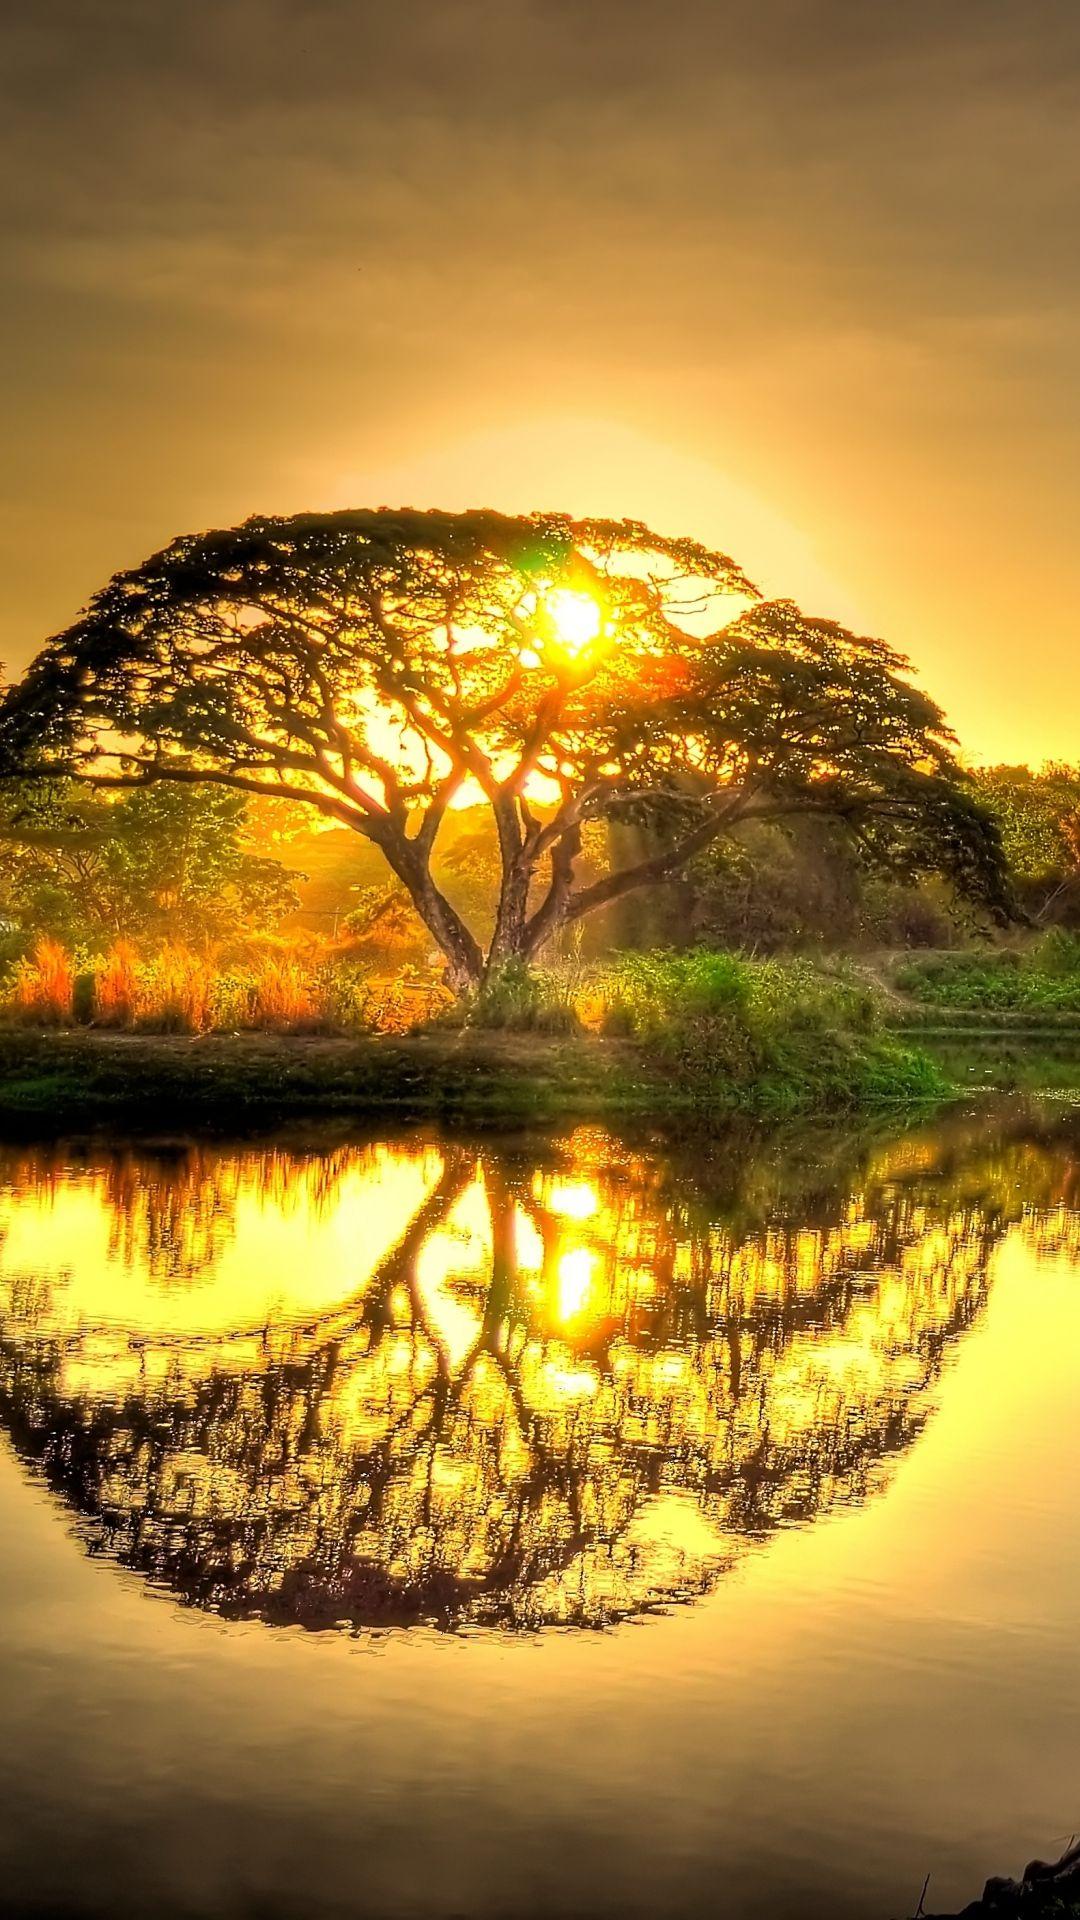 Tree Reflection at Sunset ... #BeautifulNature # ...